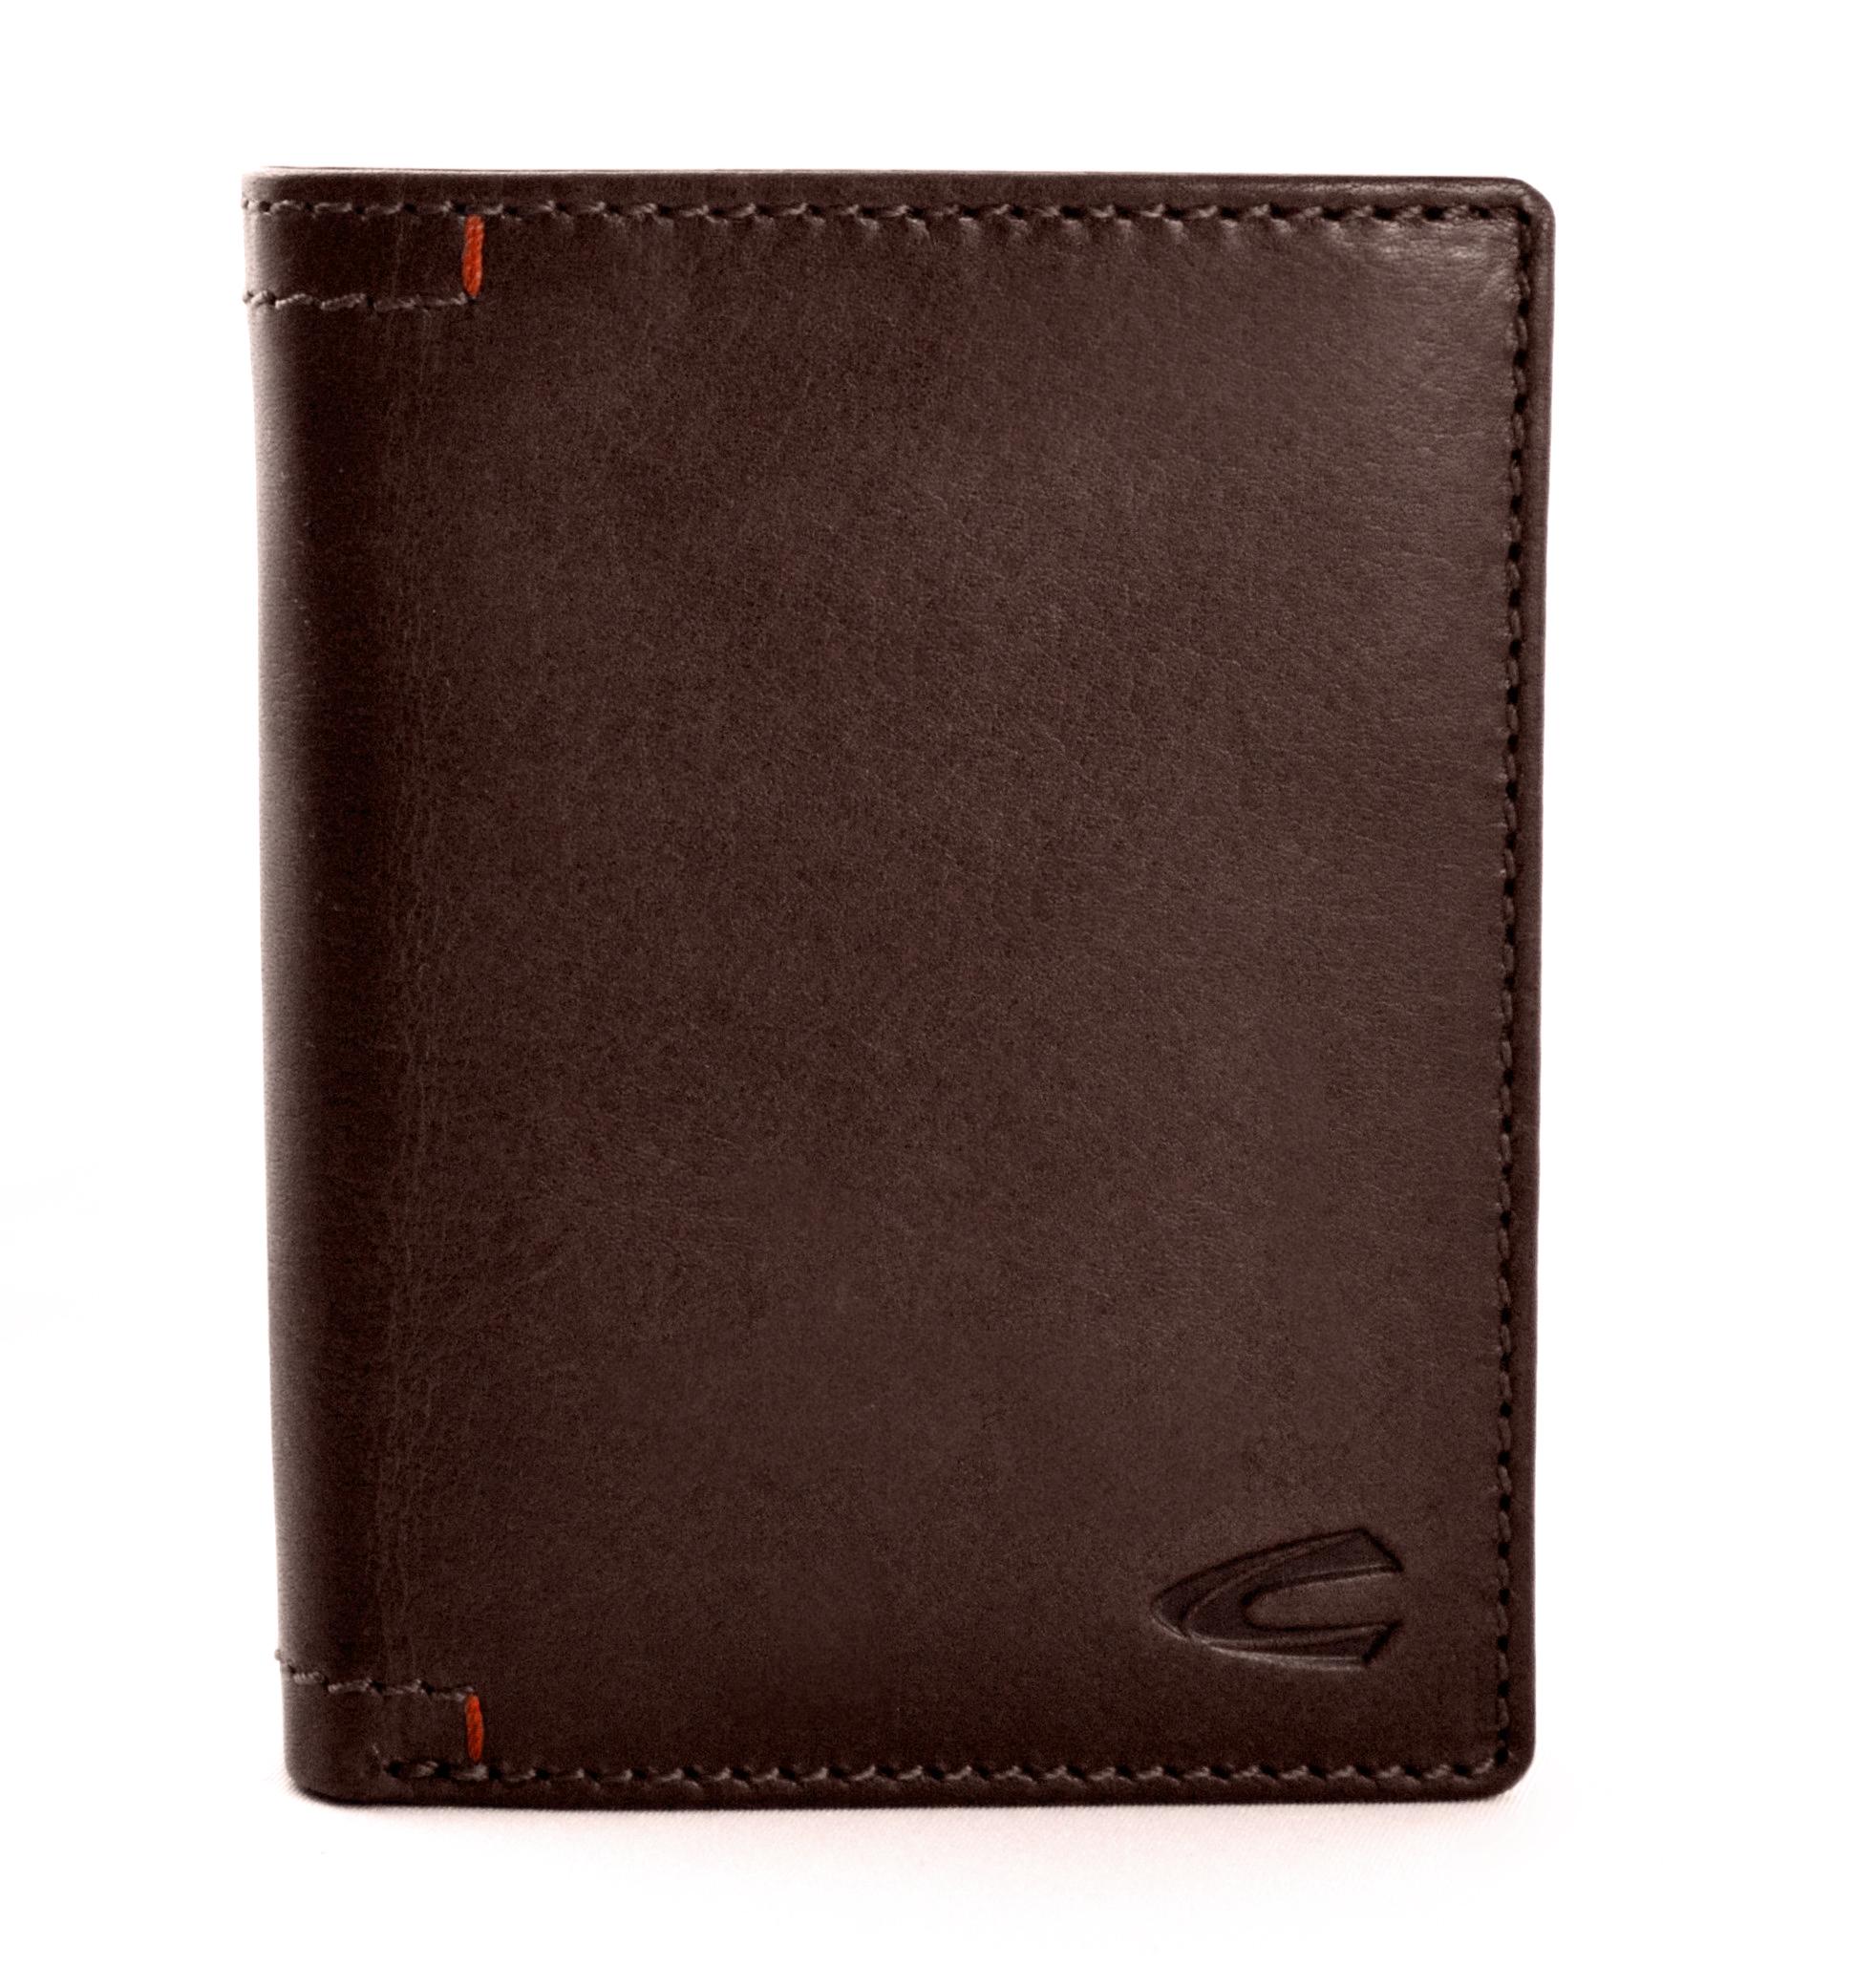 58acdc046e3a3 CAMEL ACTIVE 181-704 skórzany portfel męski